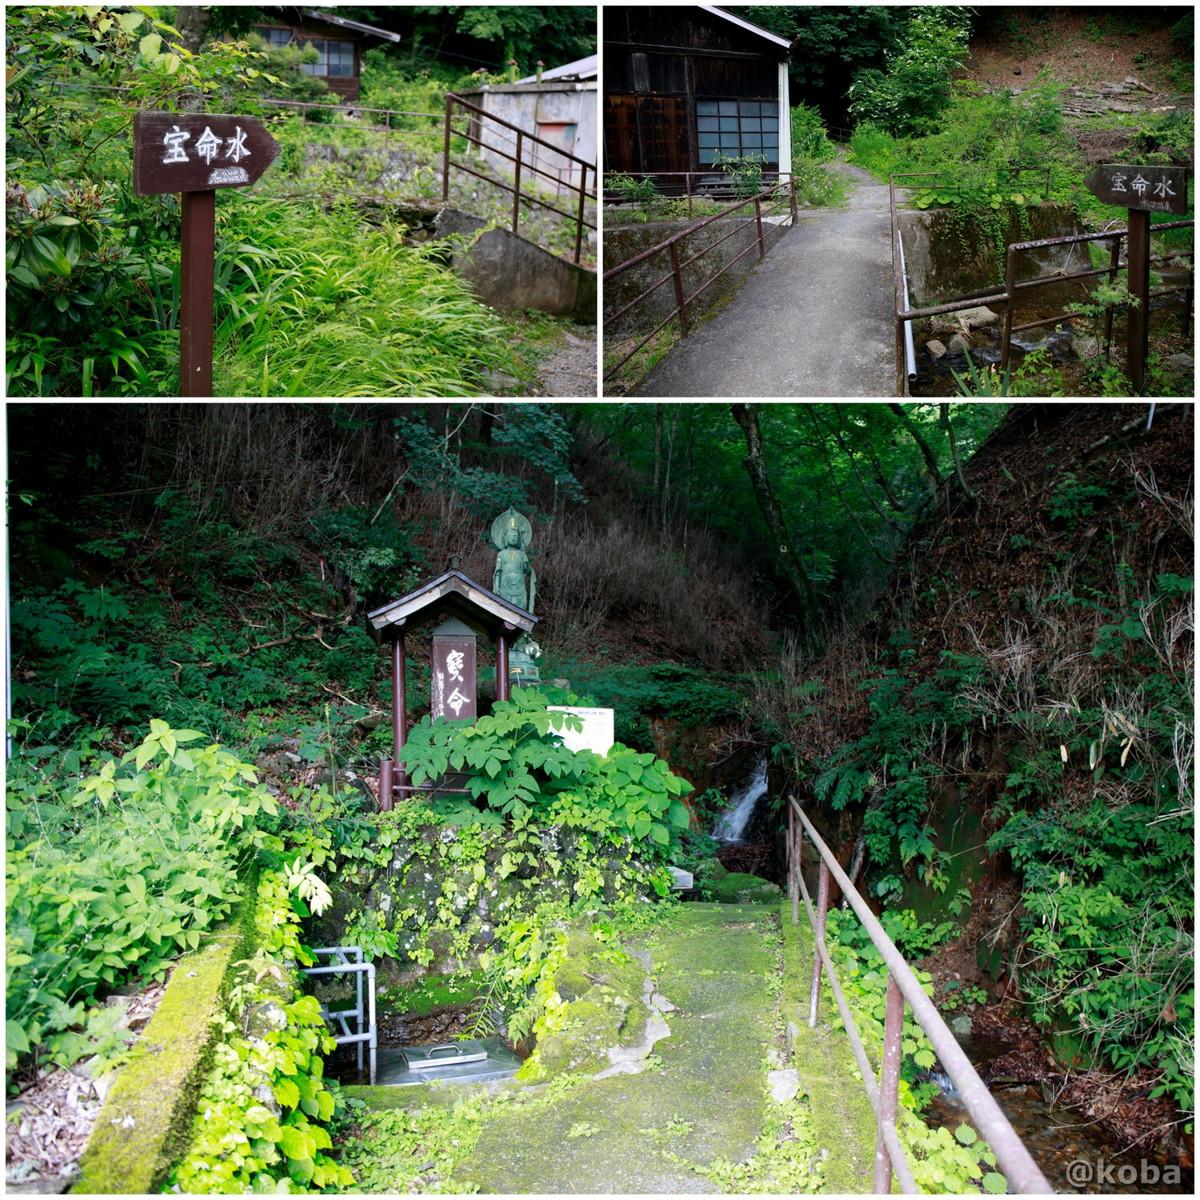 周辺散策、宝命水 内山峠 初谷温泉(うちやまとうげ しょやおんせん) 長野県佐久市 日本秘湯を守る会